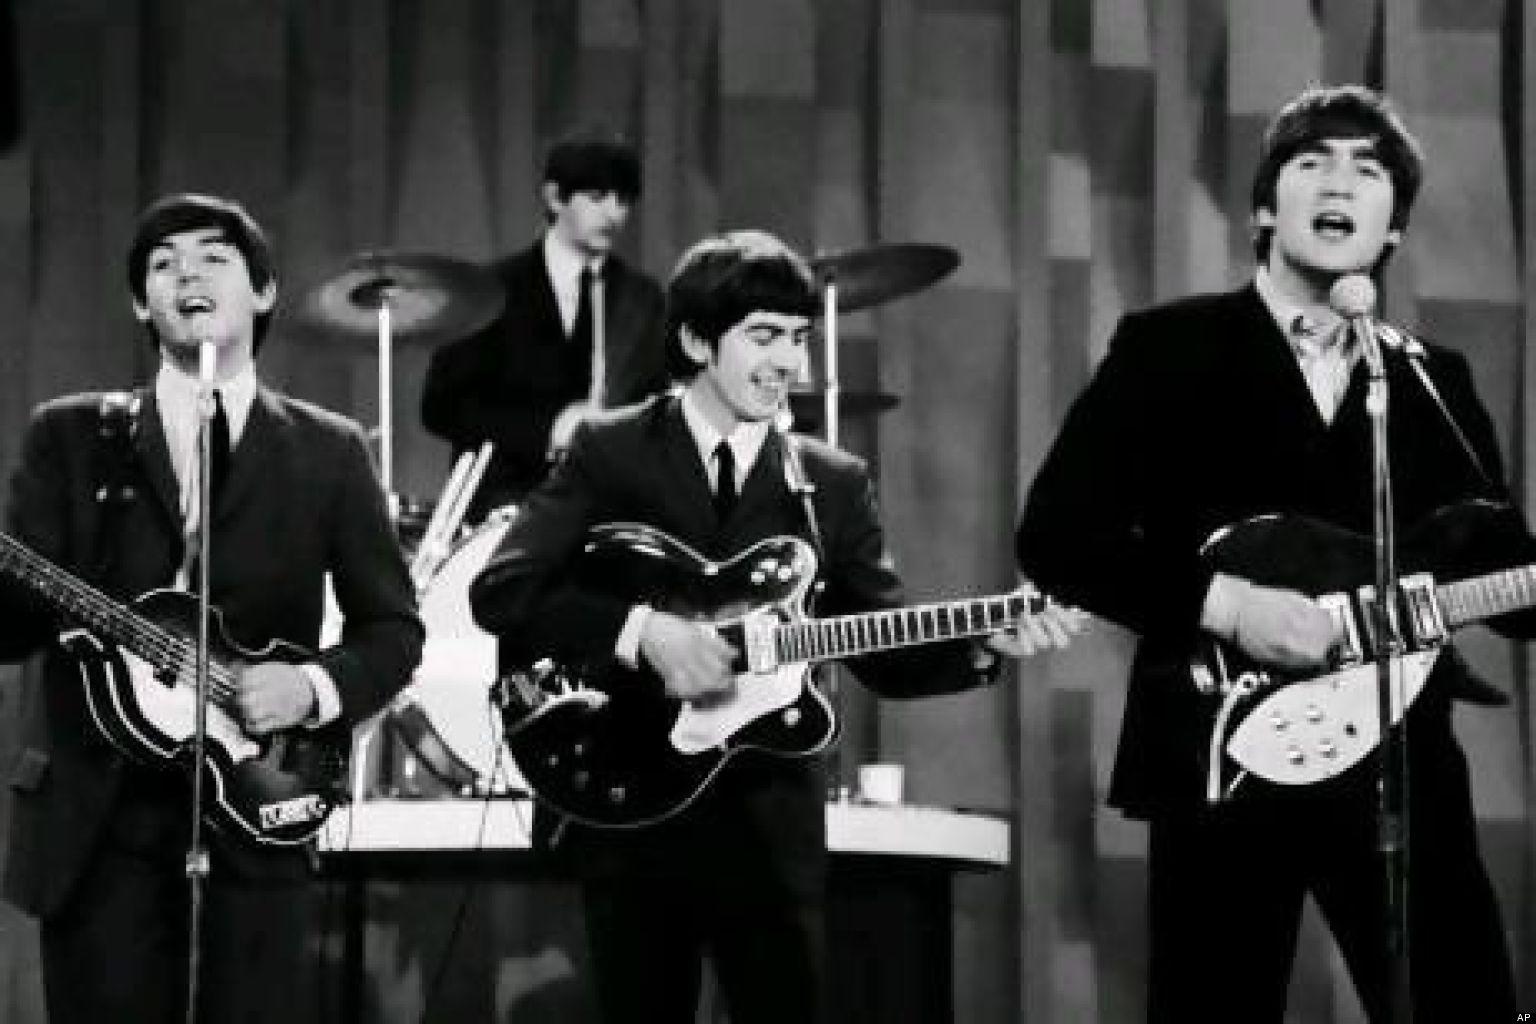 El video del Los Beatles con Lennon y los imbéciles de las redes sociales